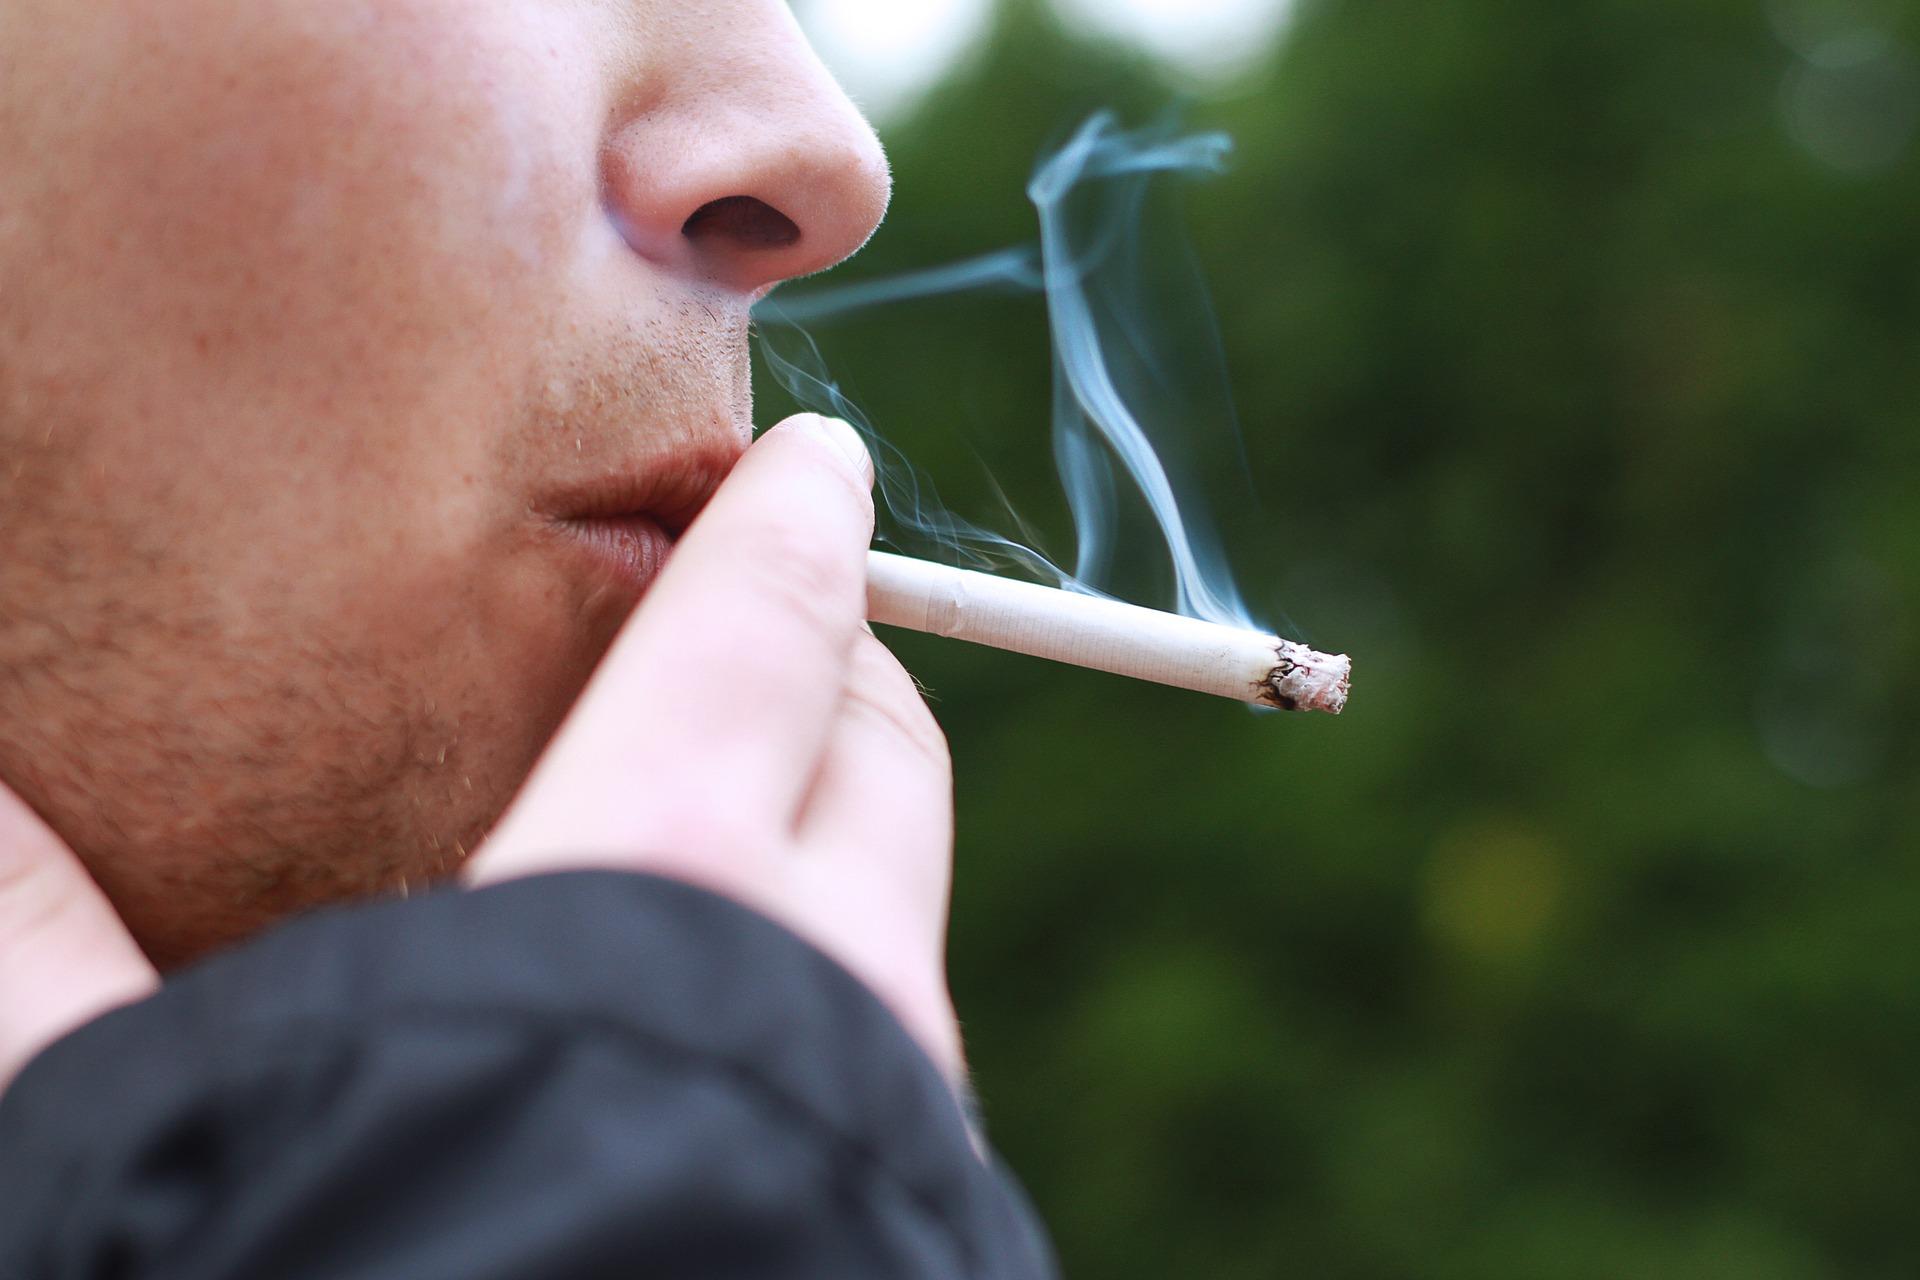 'Alle academische ziekenhuizen deden aangifte tegen de tabaksindustrie'